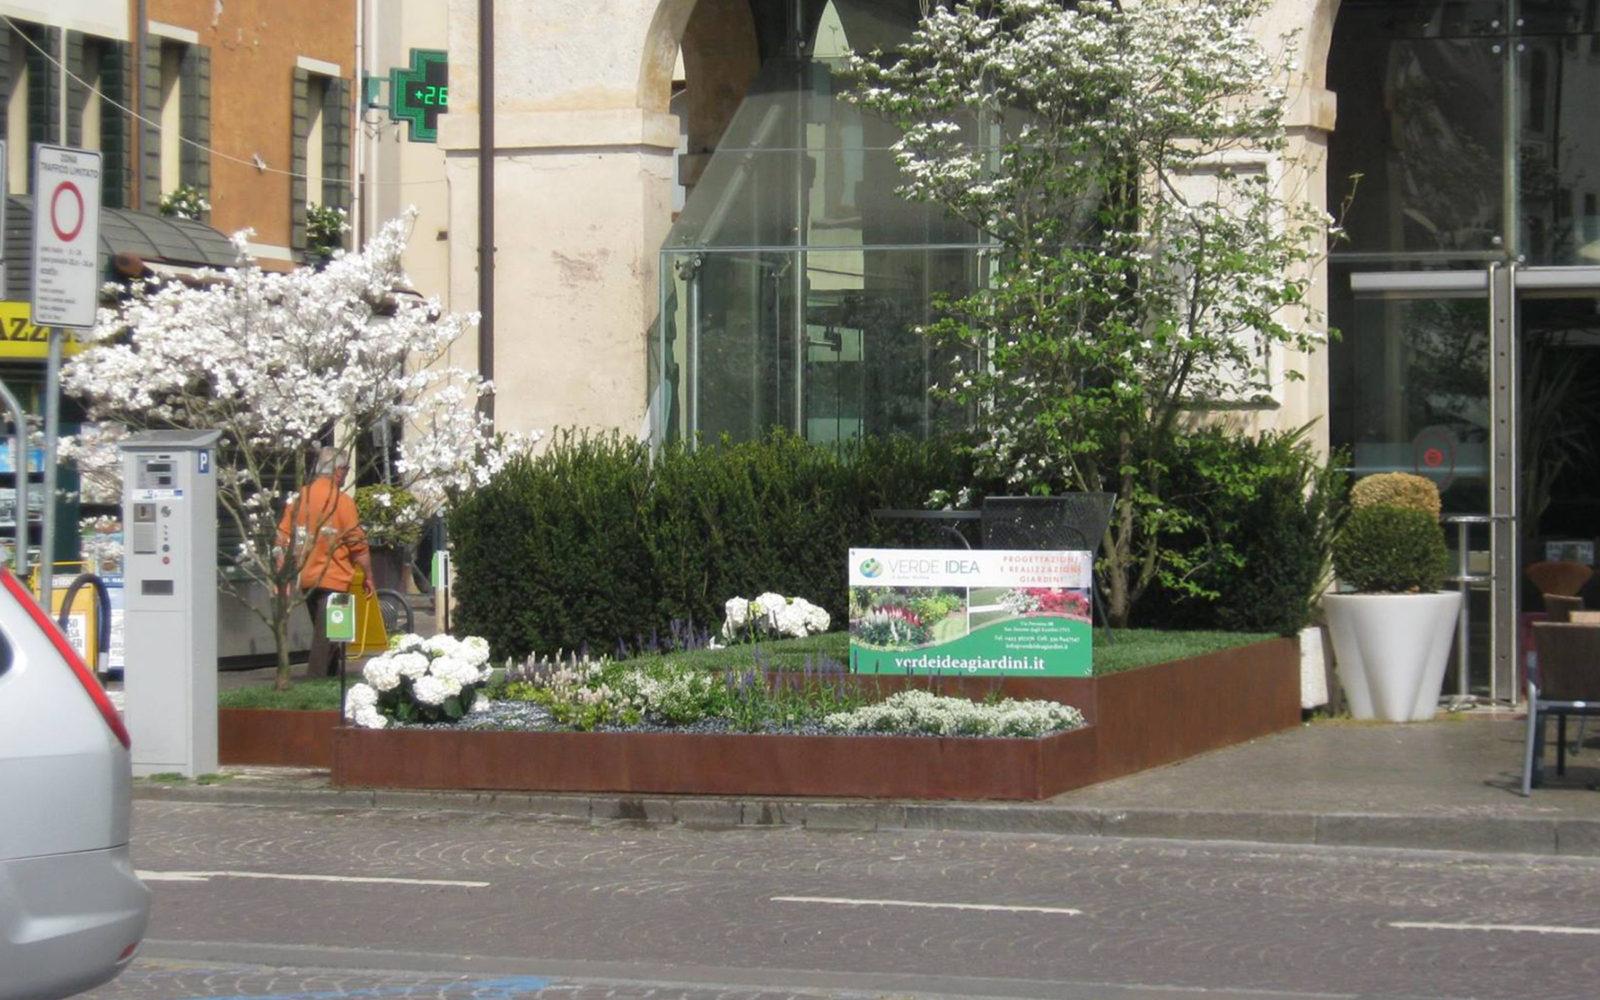 allestimento giardino Verde Idea a Castelfranco Veneto 2016 - 4